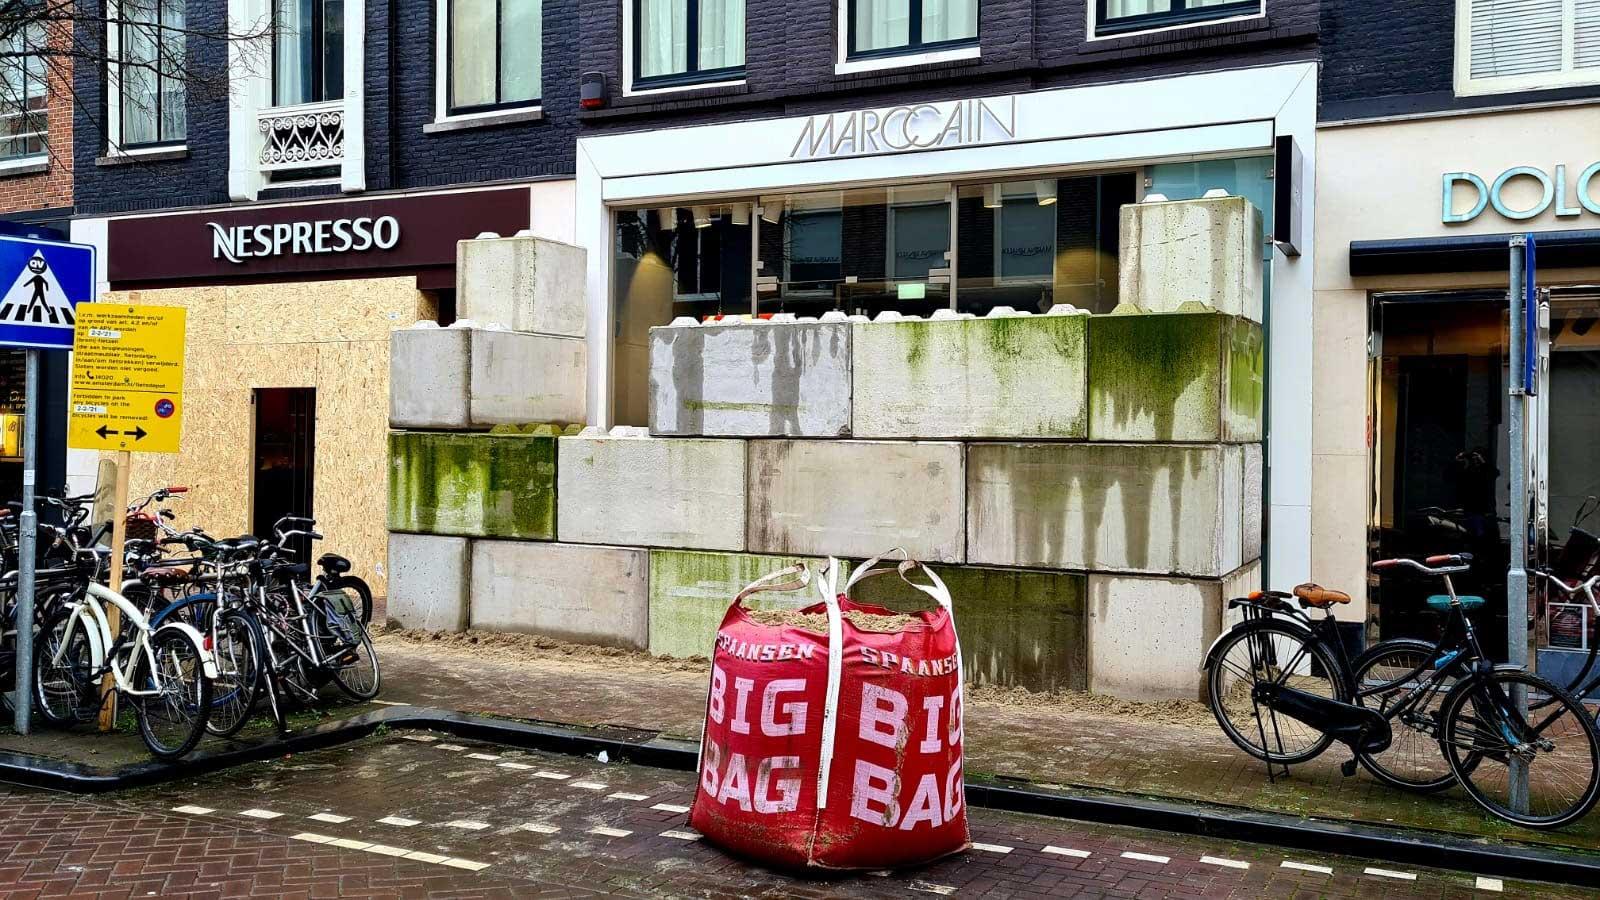 betonblokken-pchooft-rellen-winkelpui